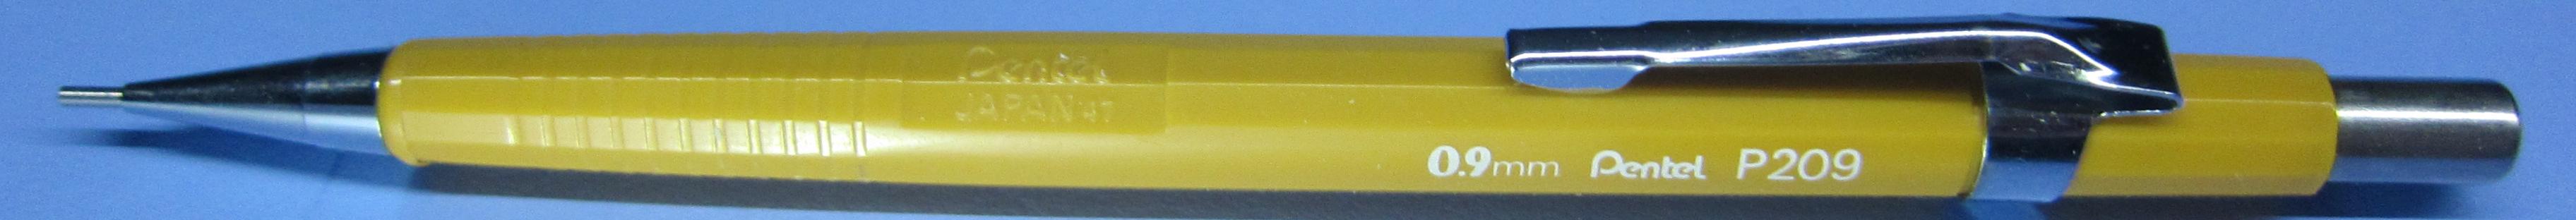 P209G (Gen 5) - 312